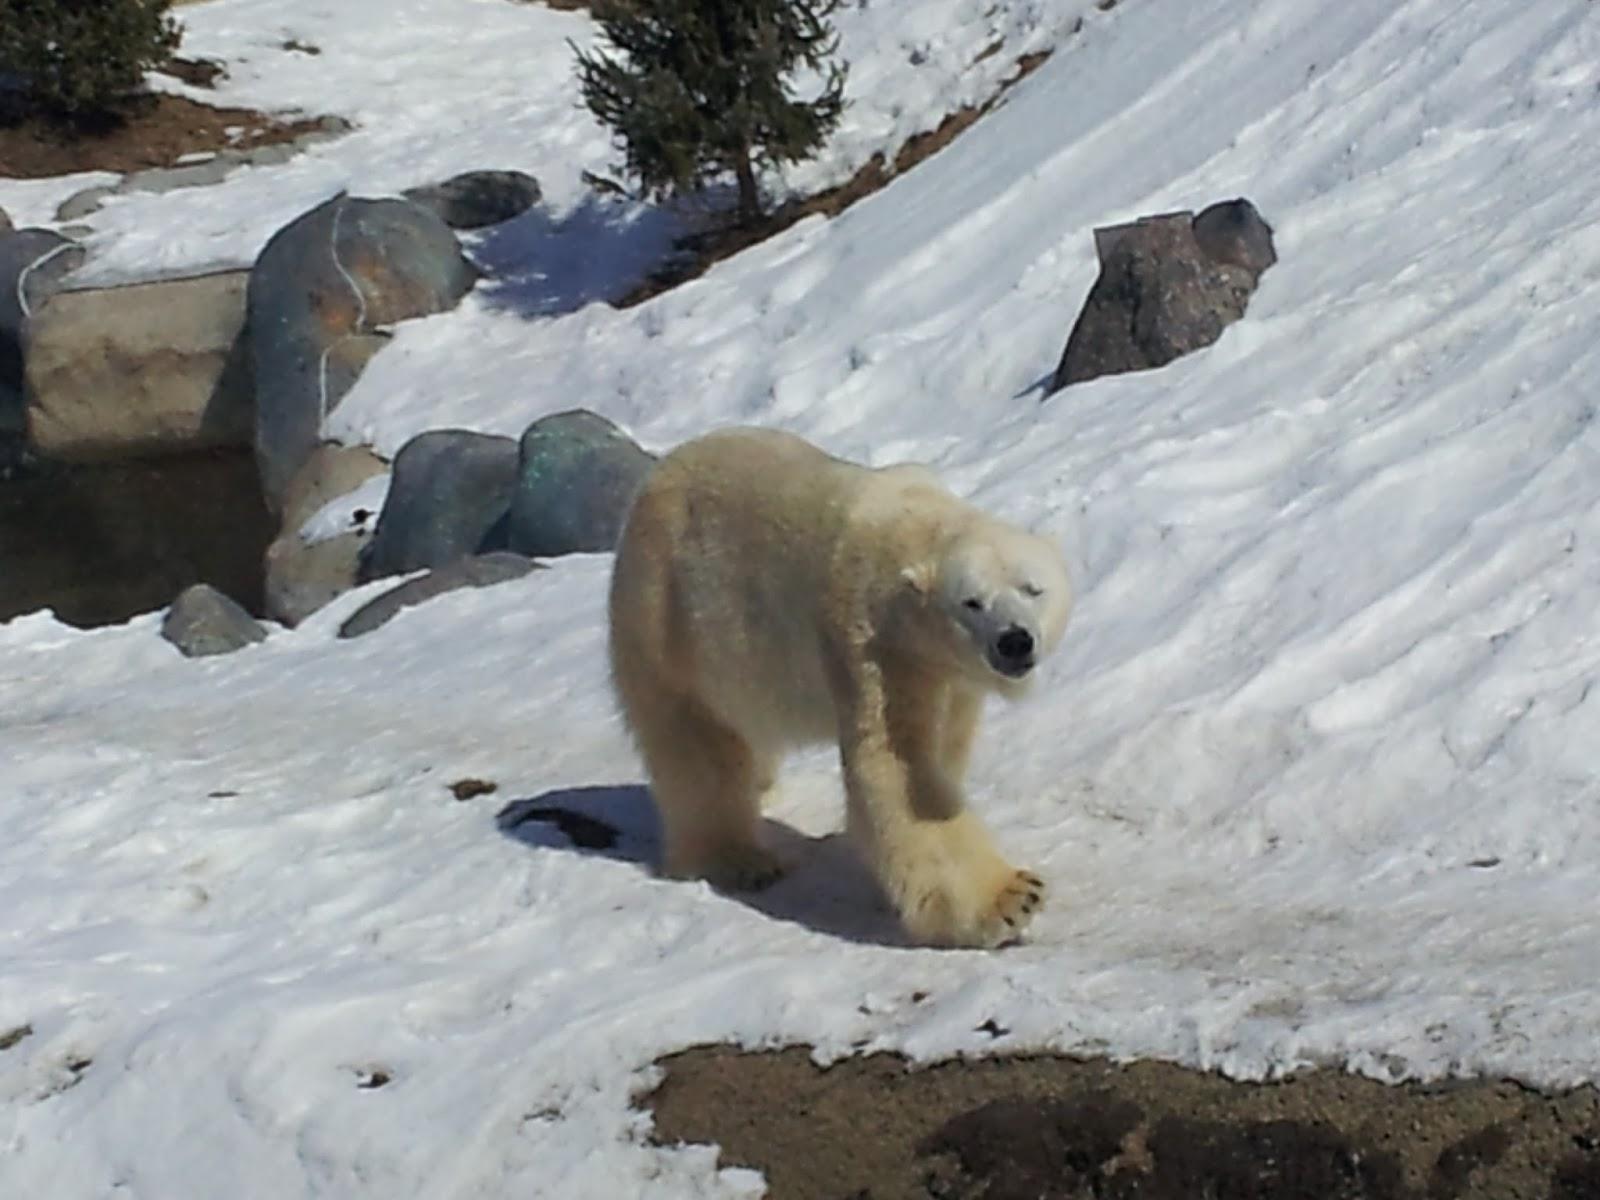 Toronto Zoo polar bear, winter